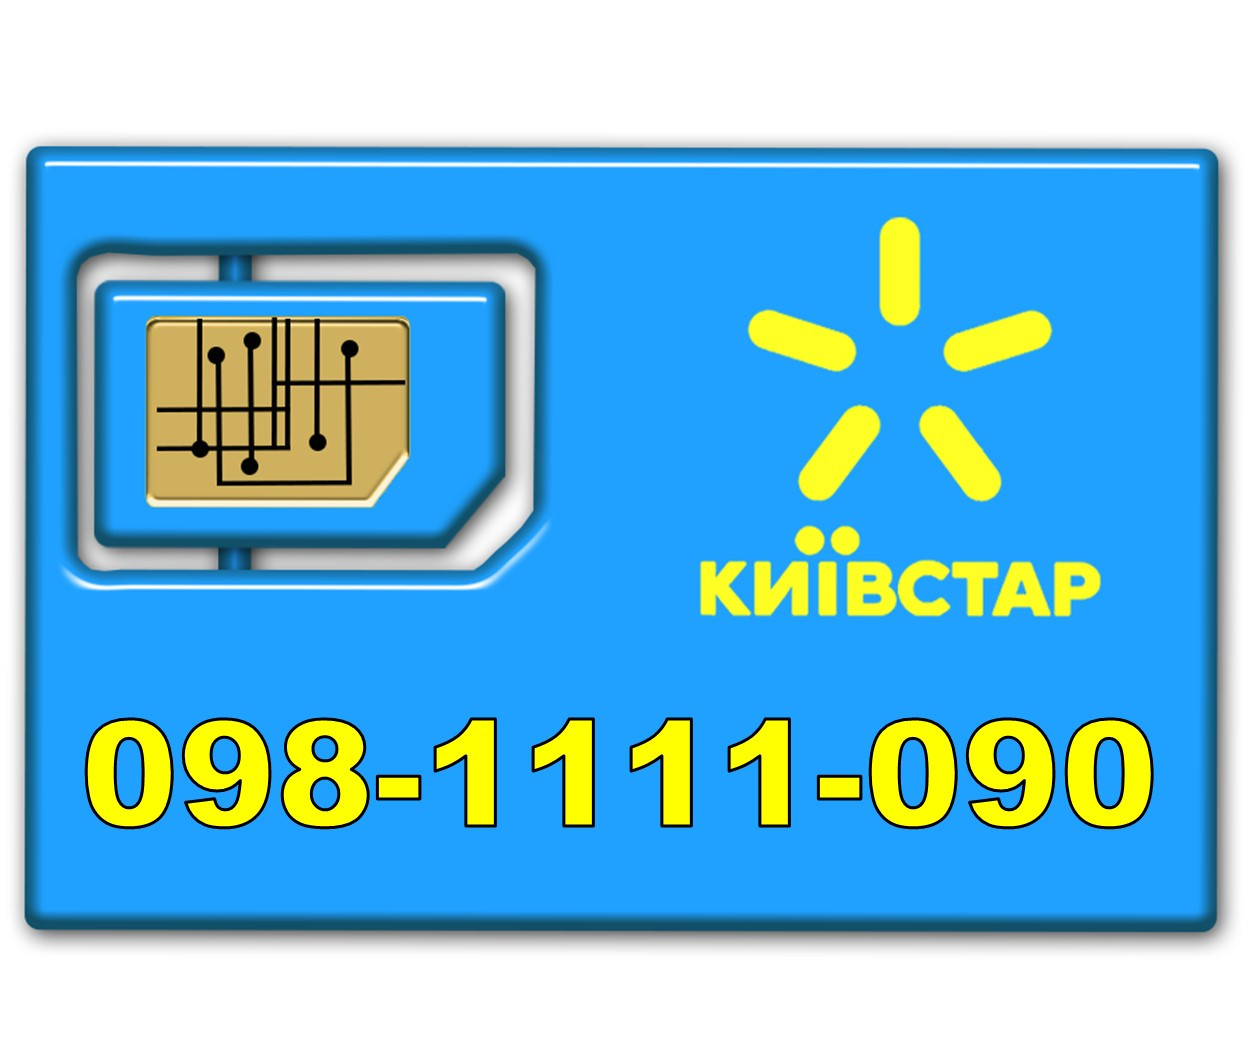 Золотой ( GOLD ) номер Киевстар 098-1111090 Kyivstar